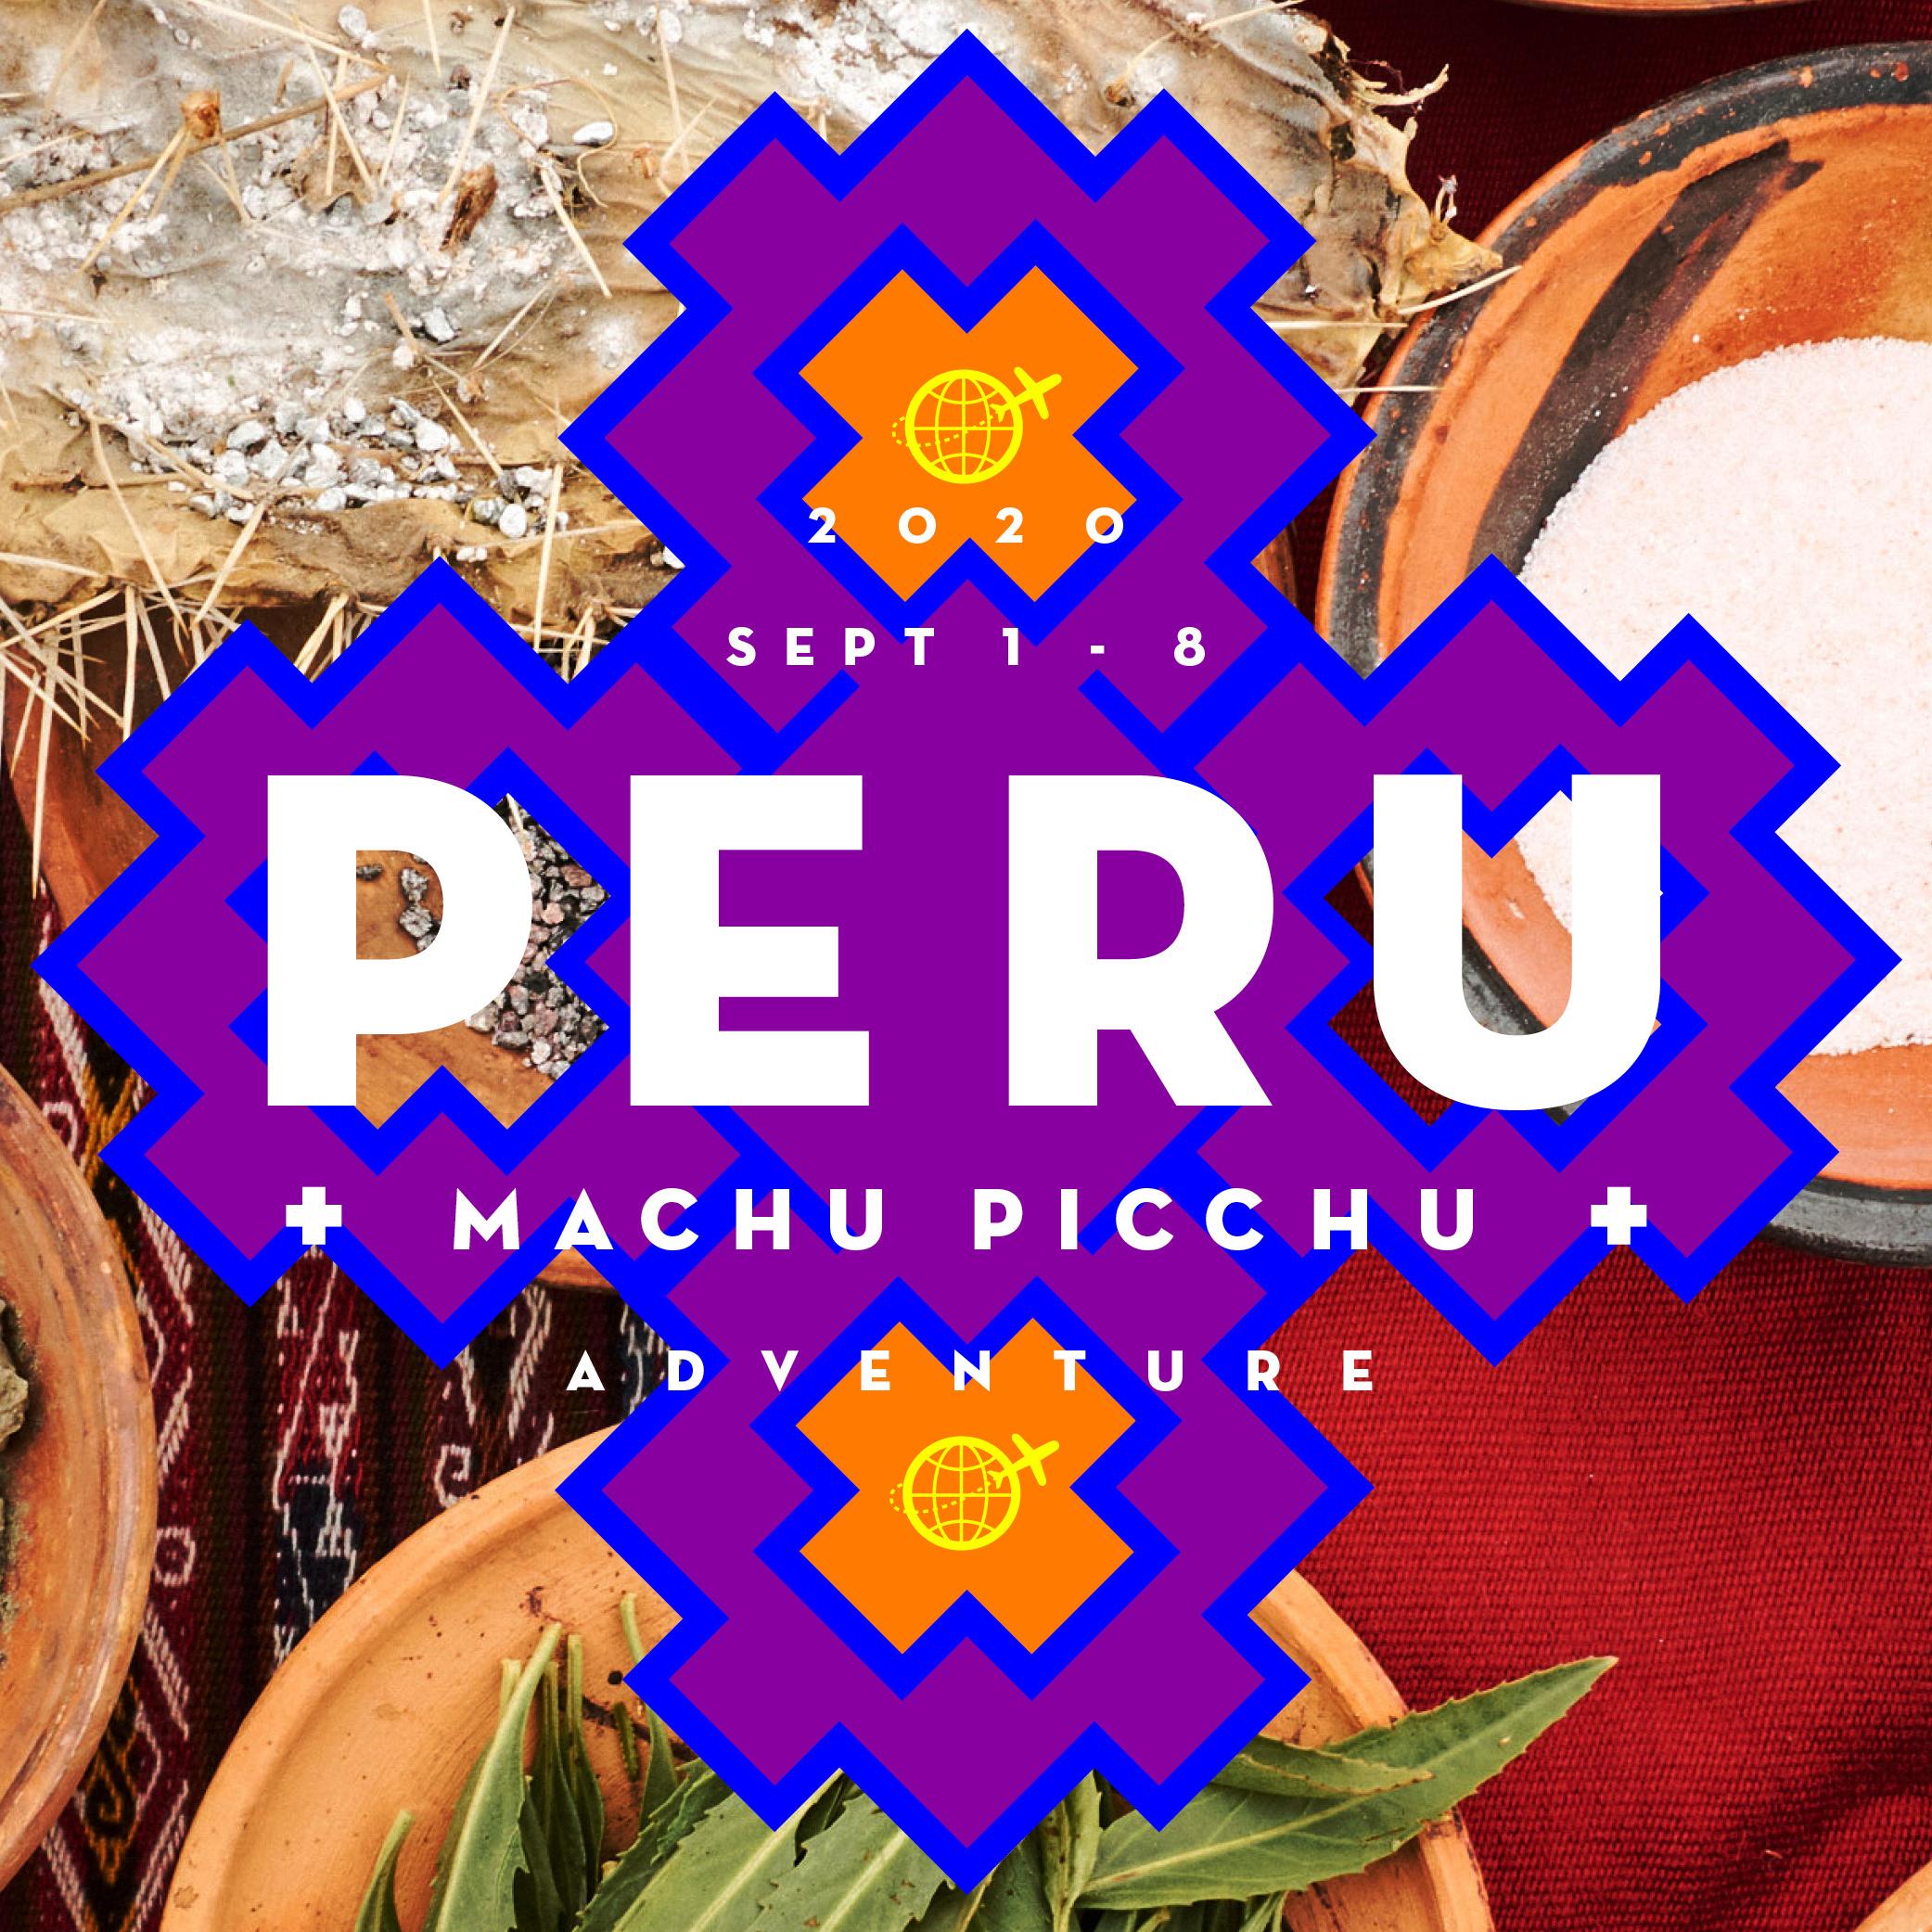 SEPT 1 - 8 - 2020PERU + MACHU PICCHU$2,550